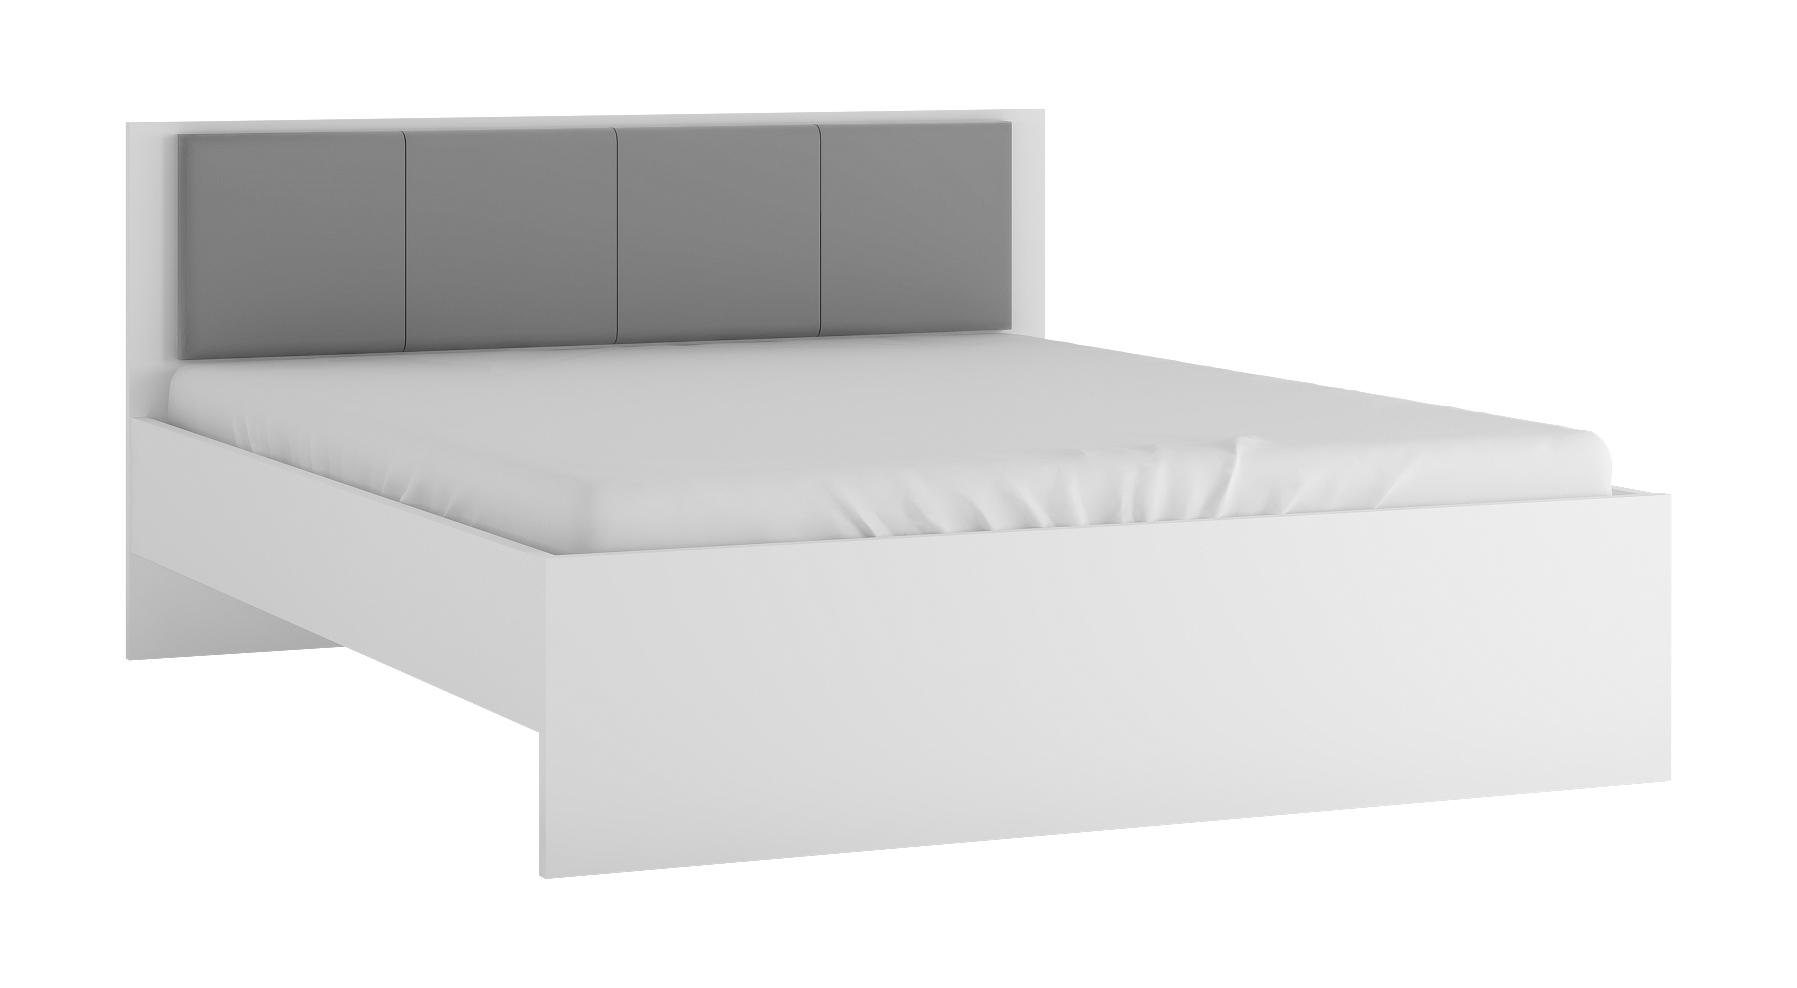 ArtExt Manželská posteľ Boston BOS Z13 Prevedenie: Posteľ BOS Z13